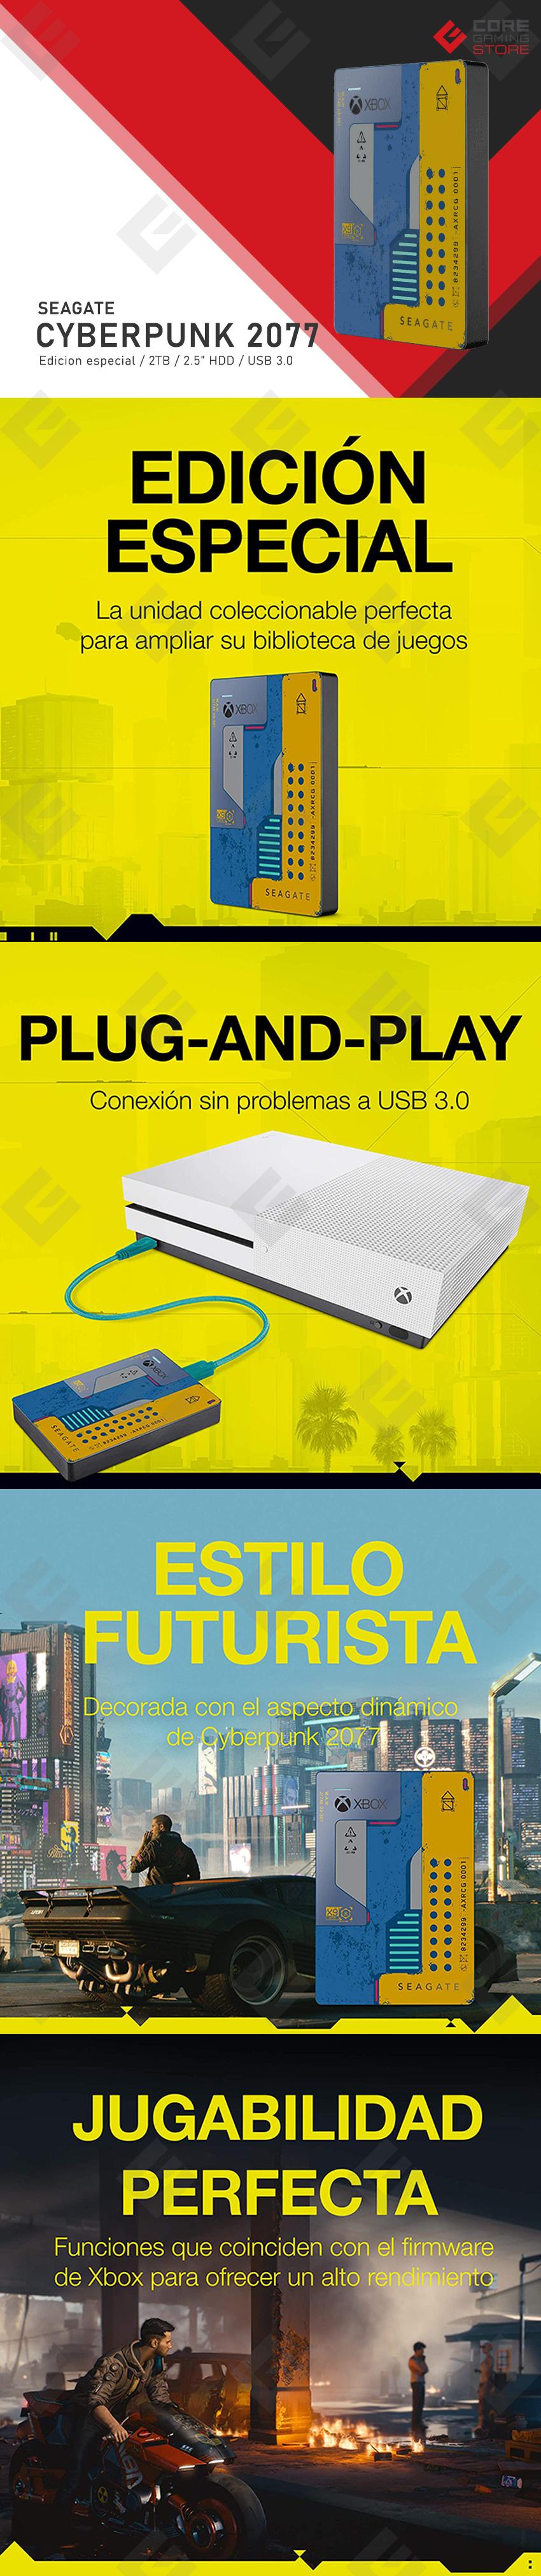 Disco Duro Externo Seagate Cyberpunk 2077 Edicion Especial, 2TB, Diseñado para Xbox One, USB 3.0